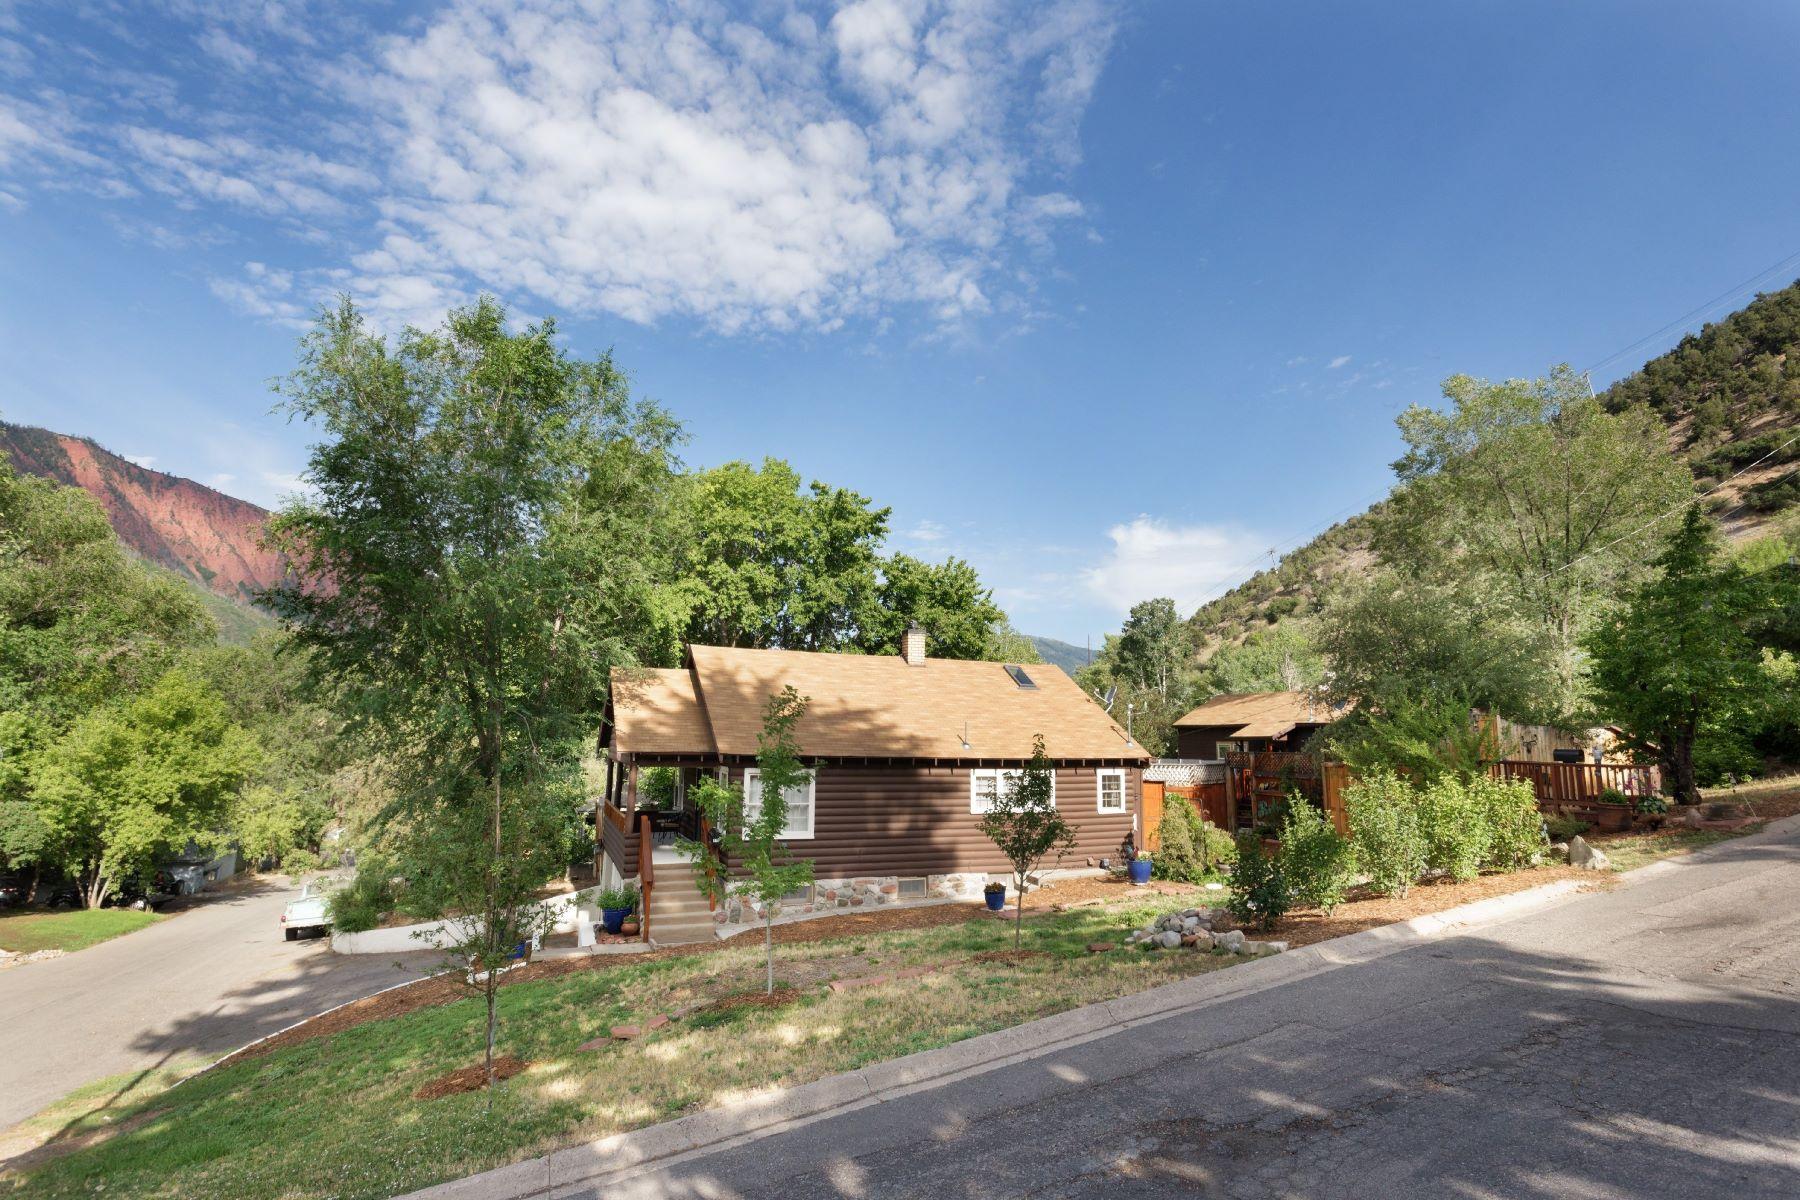 一戸建て のために 売買 アット Glenwood Springs 115 3rd Street Glenwood Springs, コロラド, 81601 アメリカ合衆国